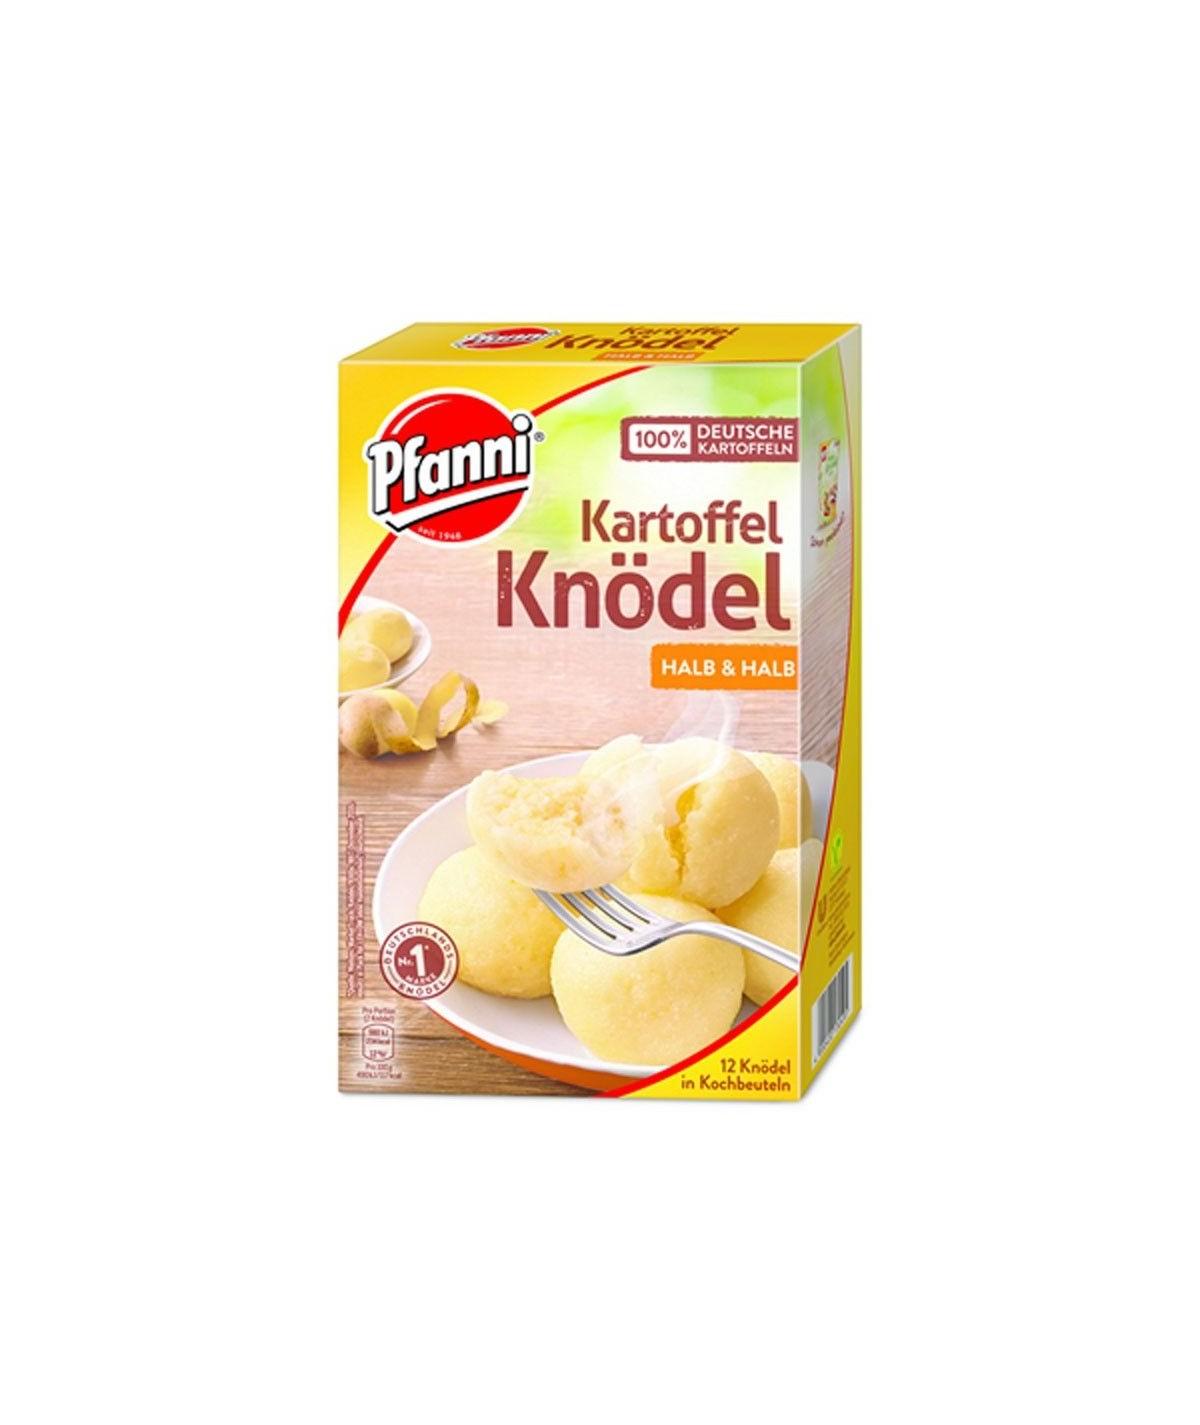 12 Kartoffel-Knödel Halb & Halb - 400 g